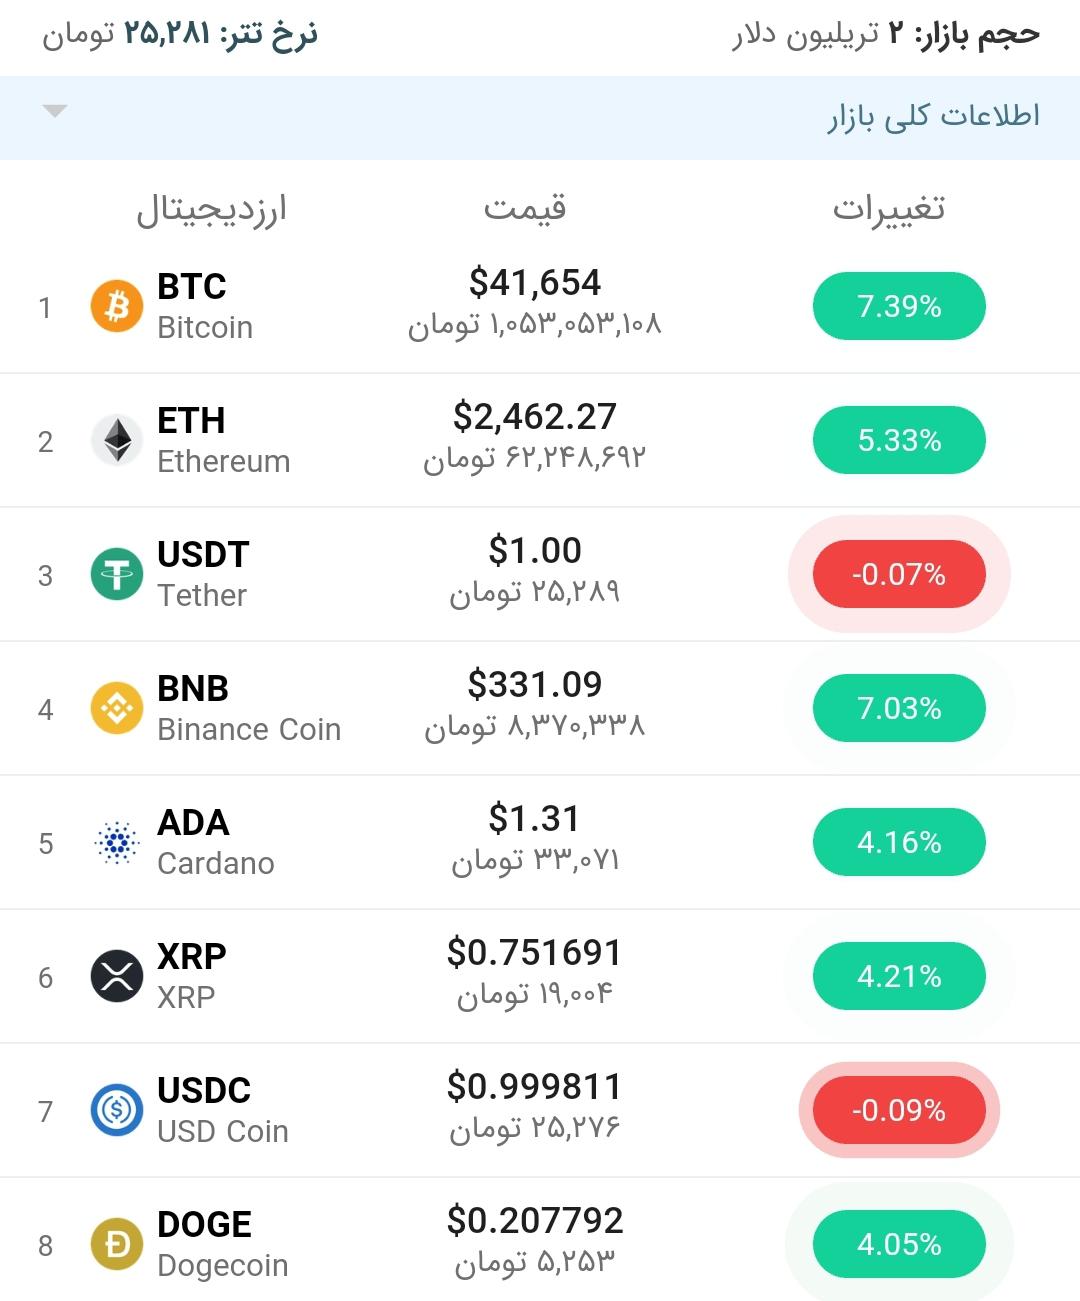 قیمت بیت کوین امروز ۹مرداد ۱۴۰۰